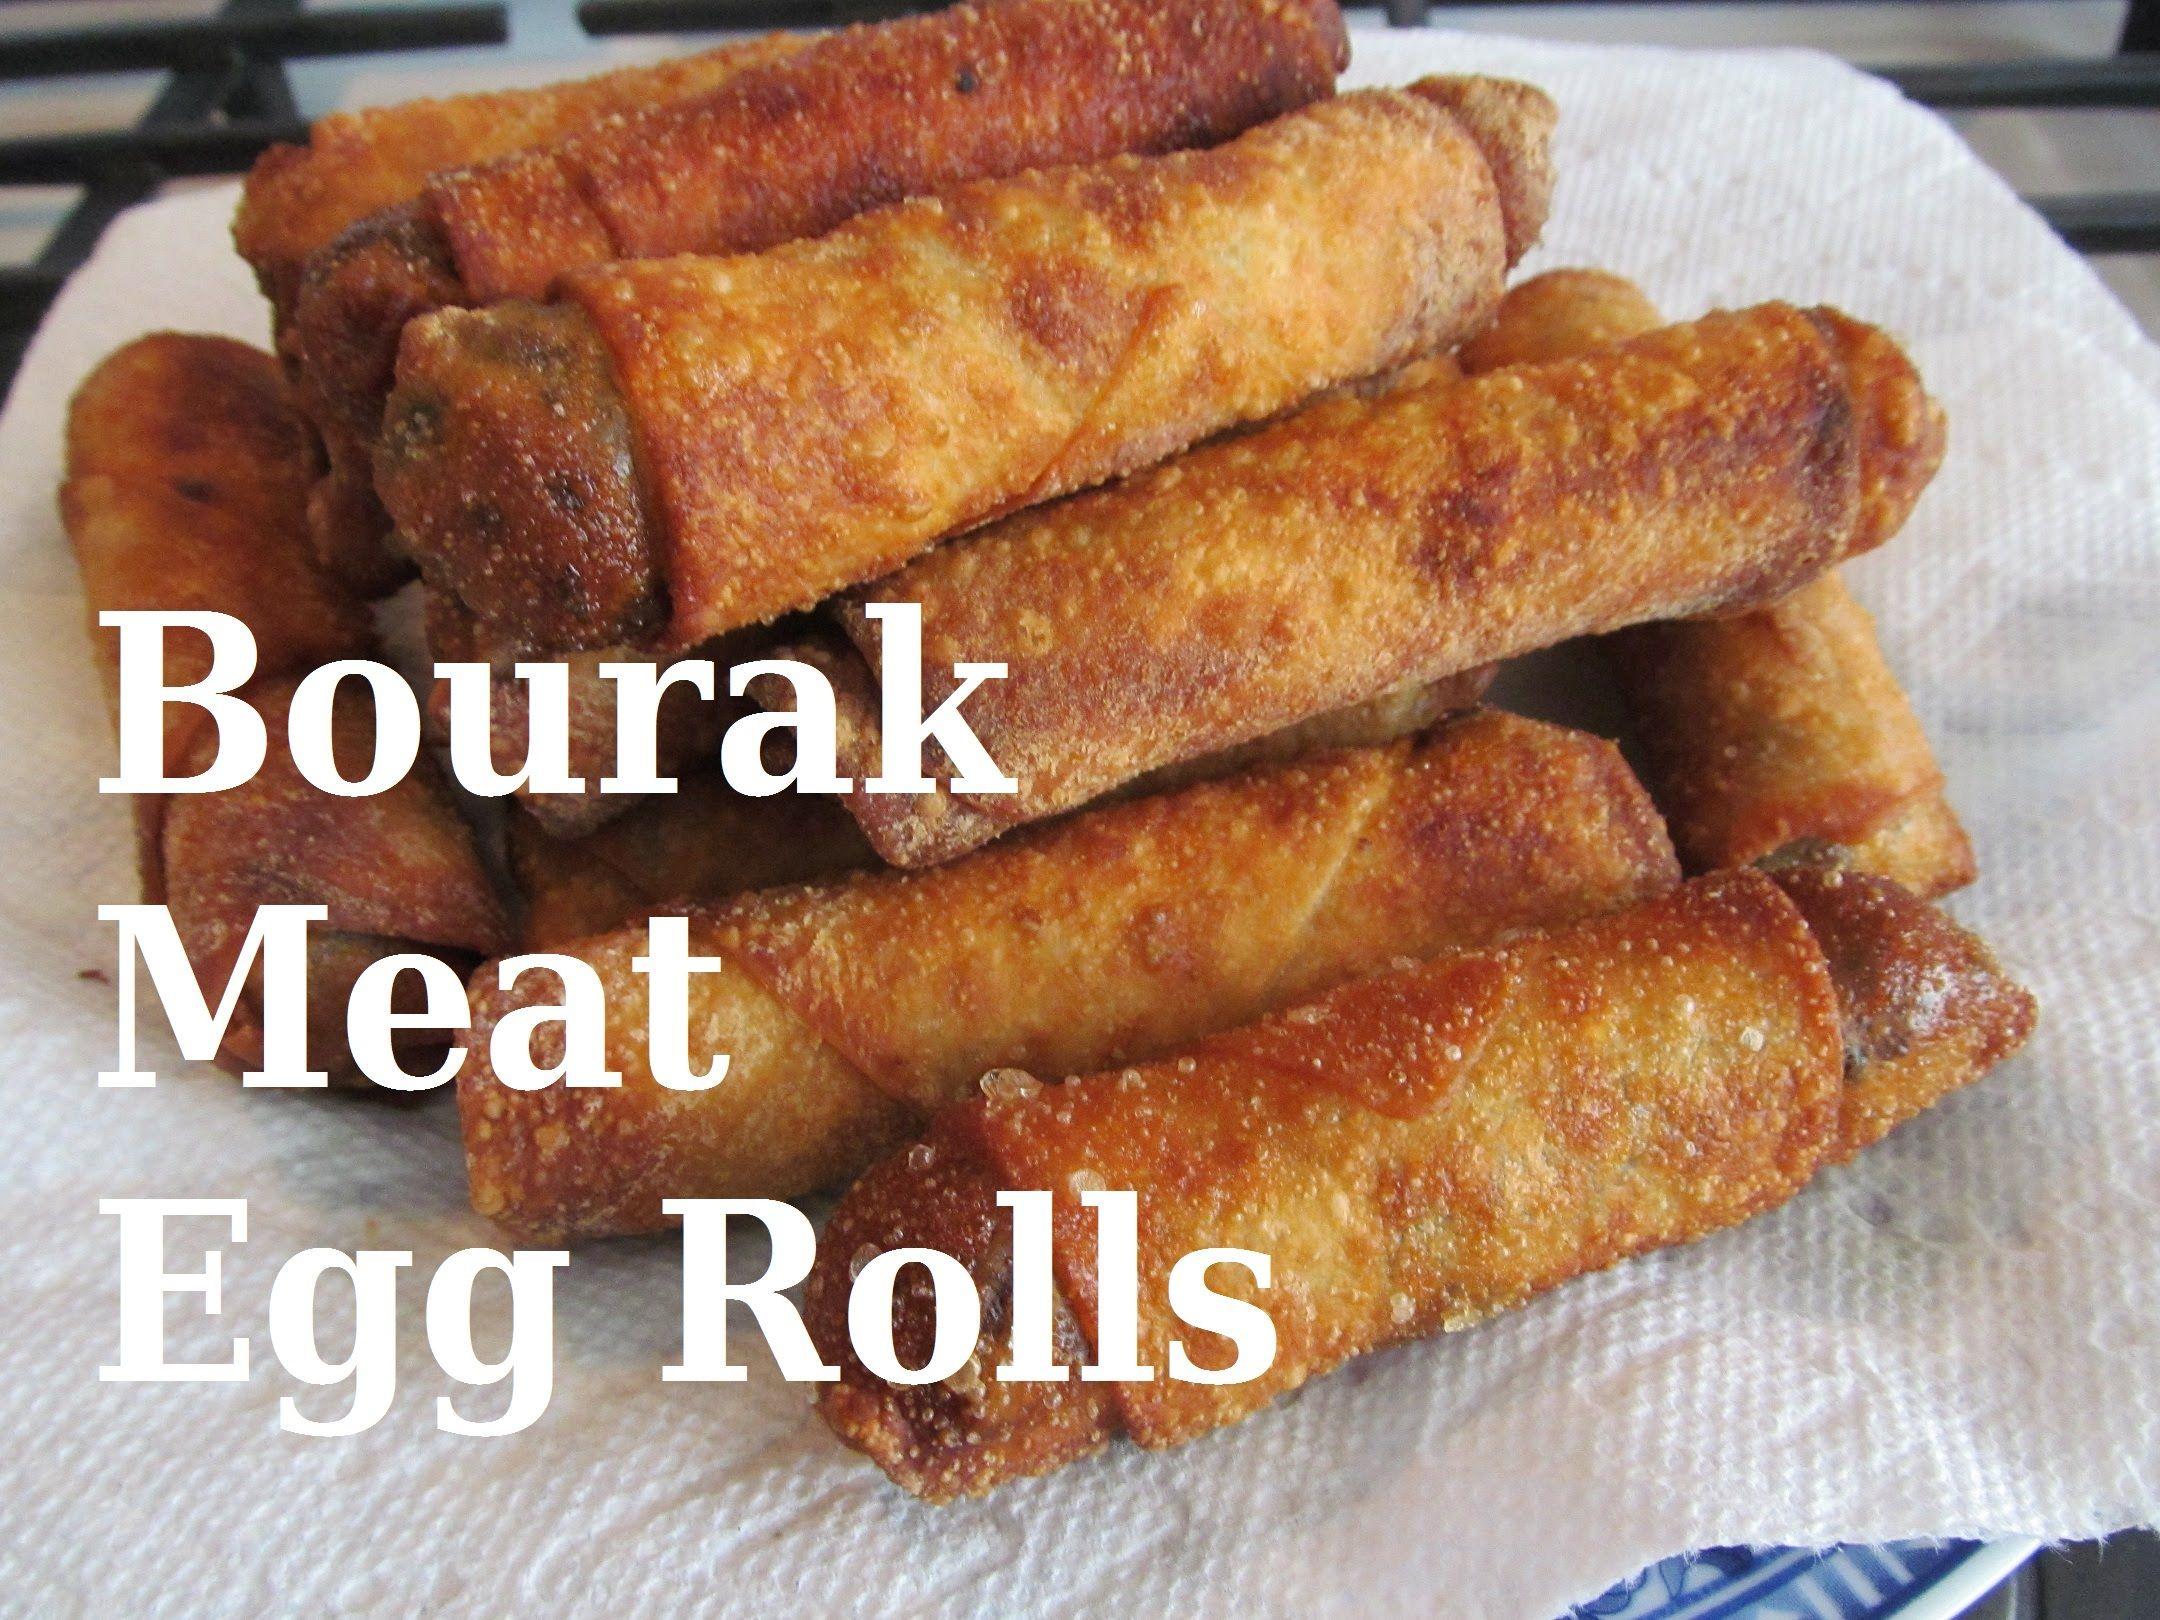 Bourak Iraqi Meat Egg Rolls بورك اللحم العراقي Recipe 154 Beef Egg Roll Recipe Egg Roll Recipes Recipes